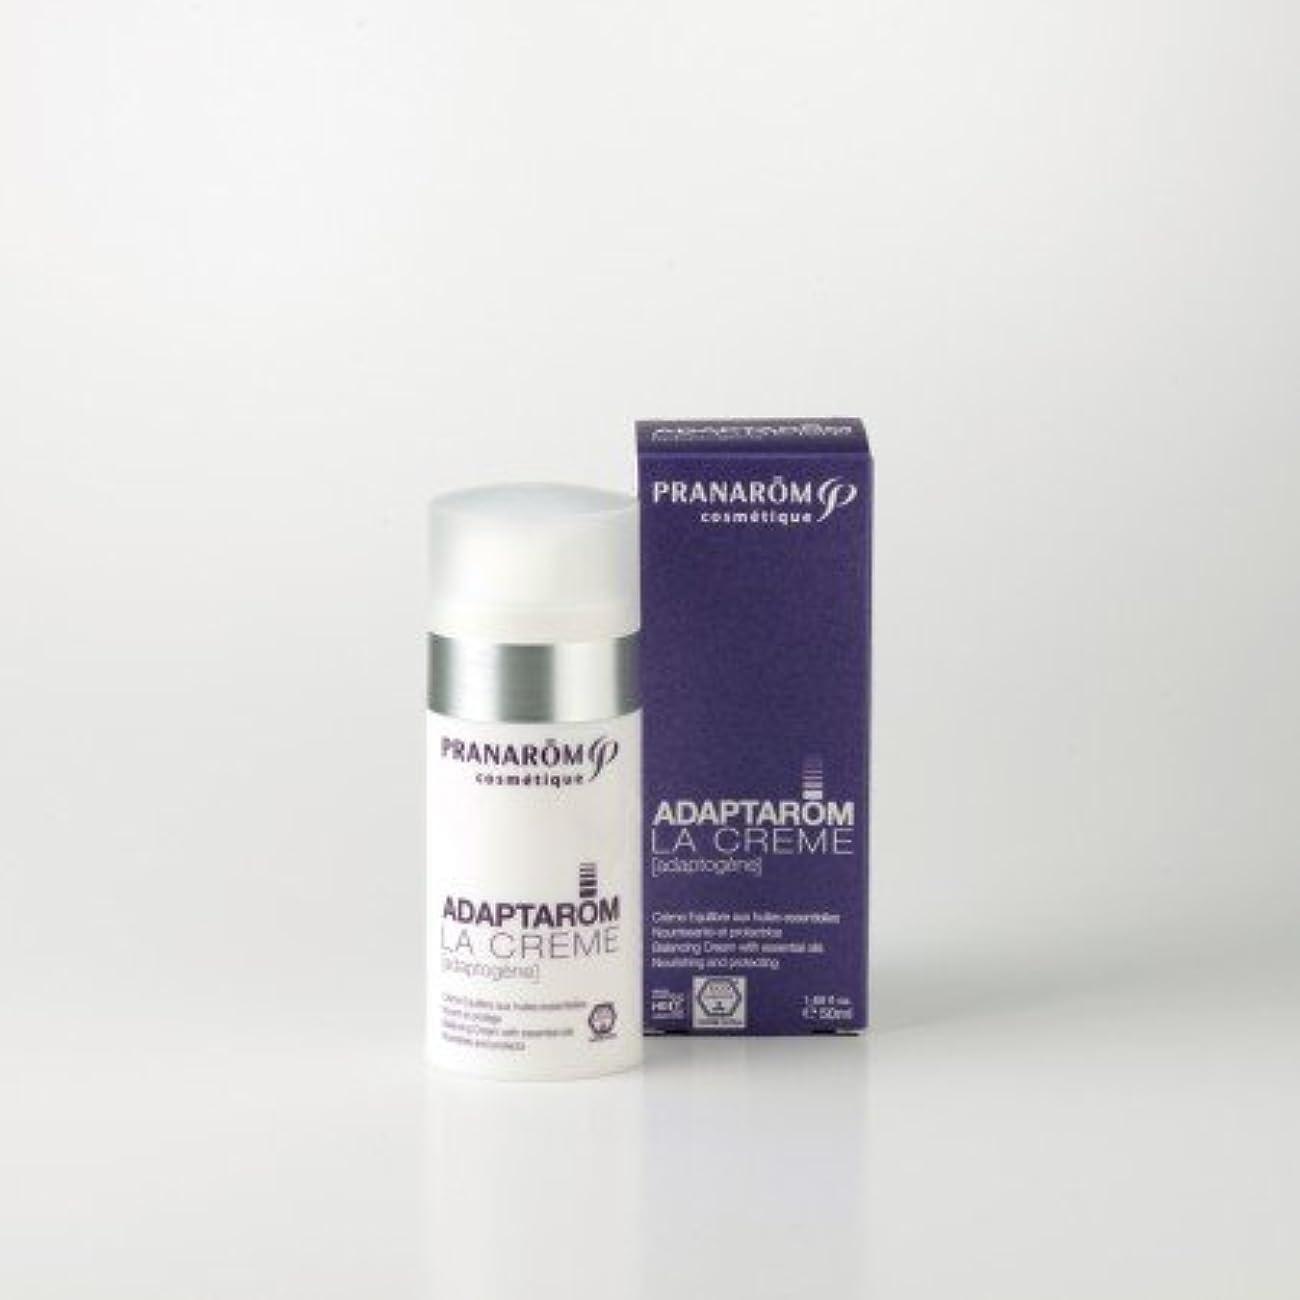 安価なシャッター繁栄するプラナロム (PRANAROM) 基礎化粧品 アダプタロム?クリーム 50ml 12673